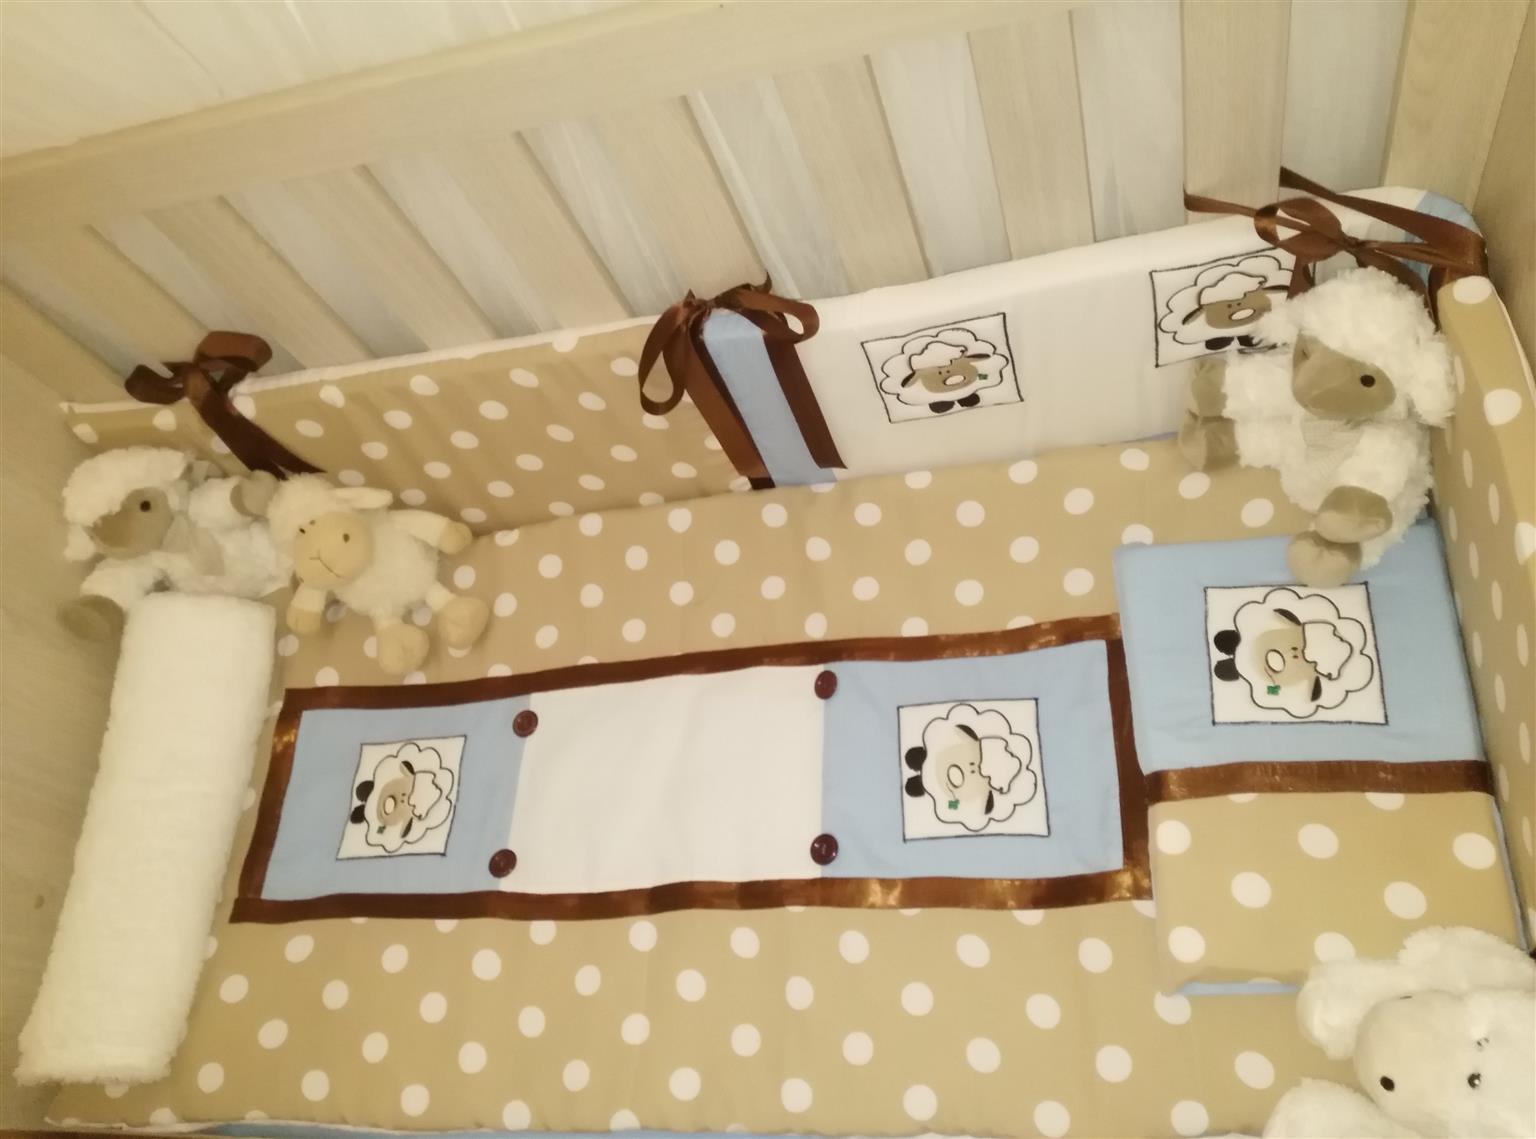 Nursery / Baby room set